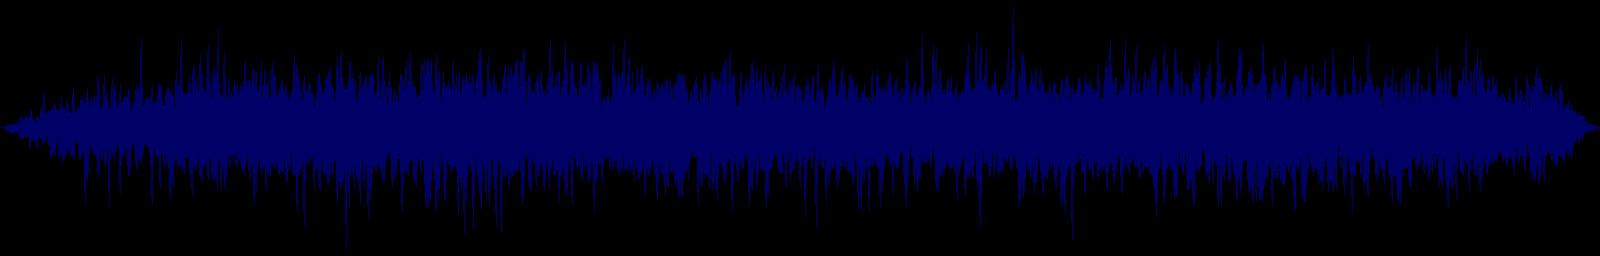 waveform of track #143061